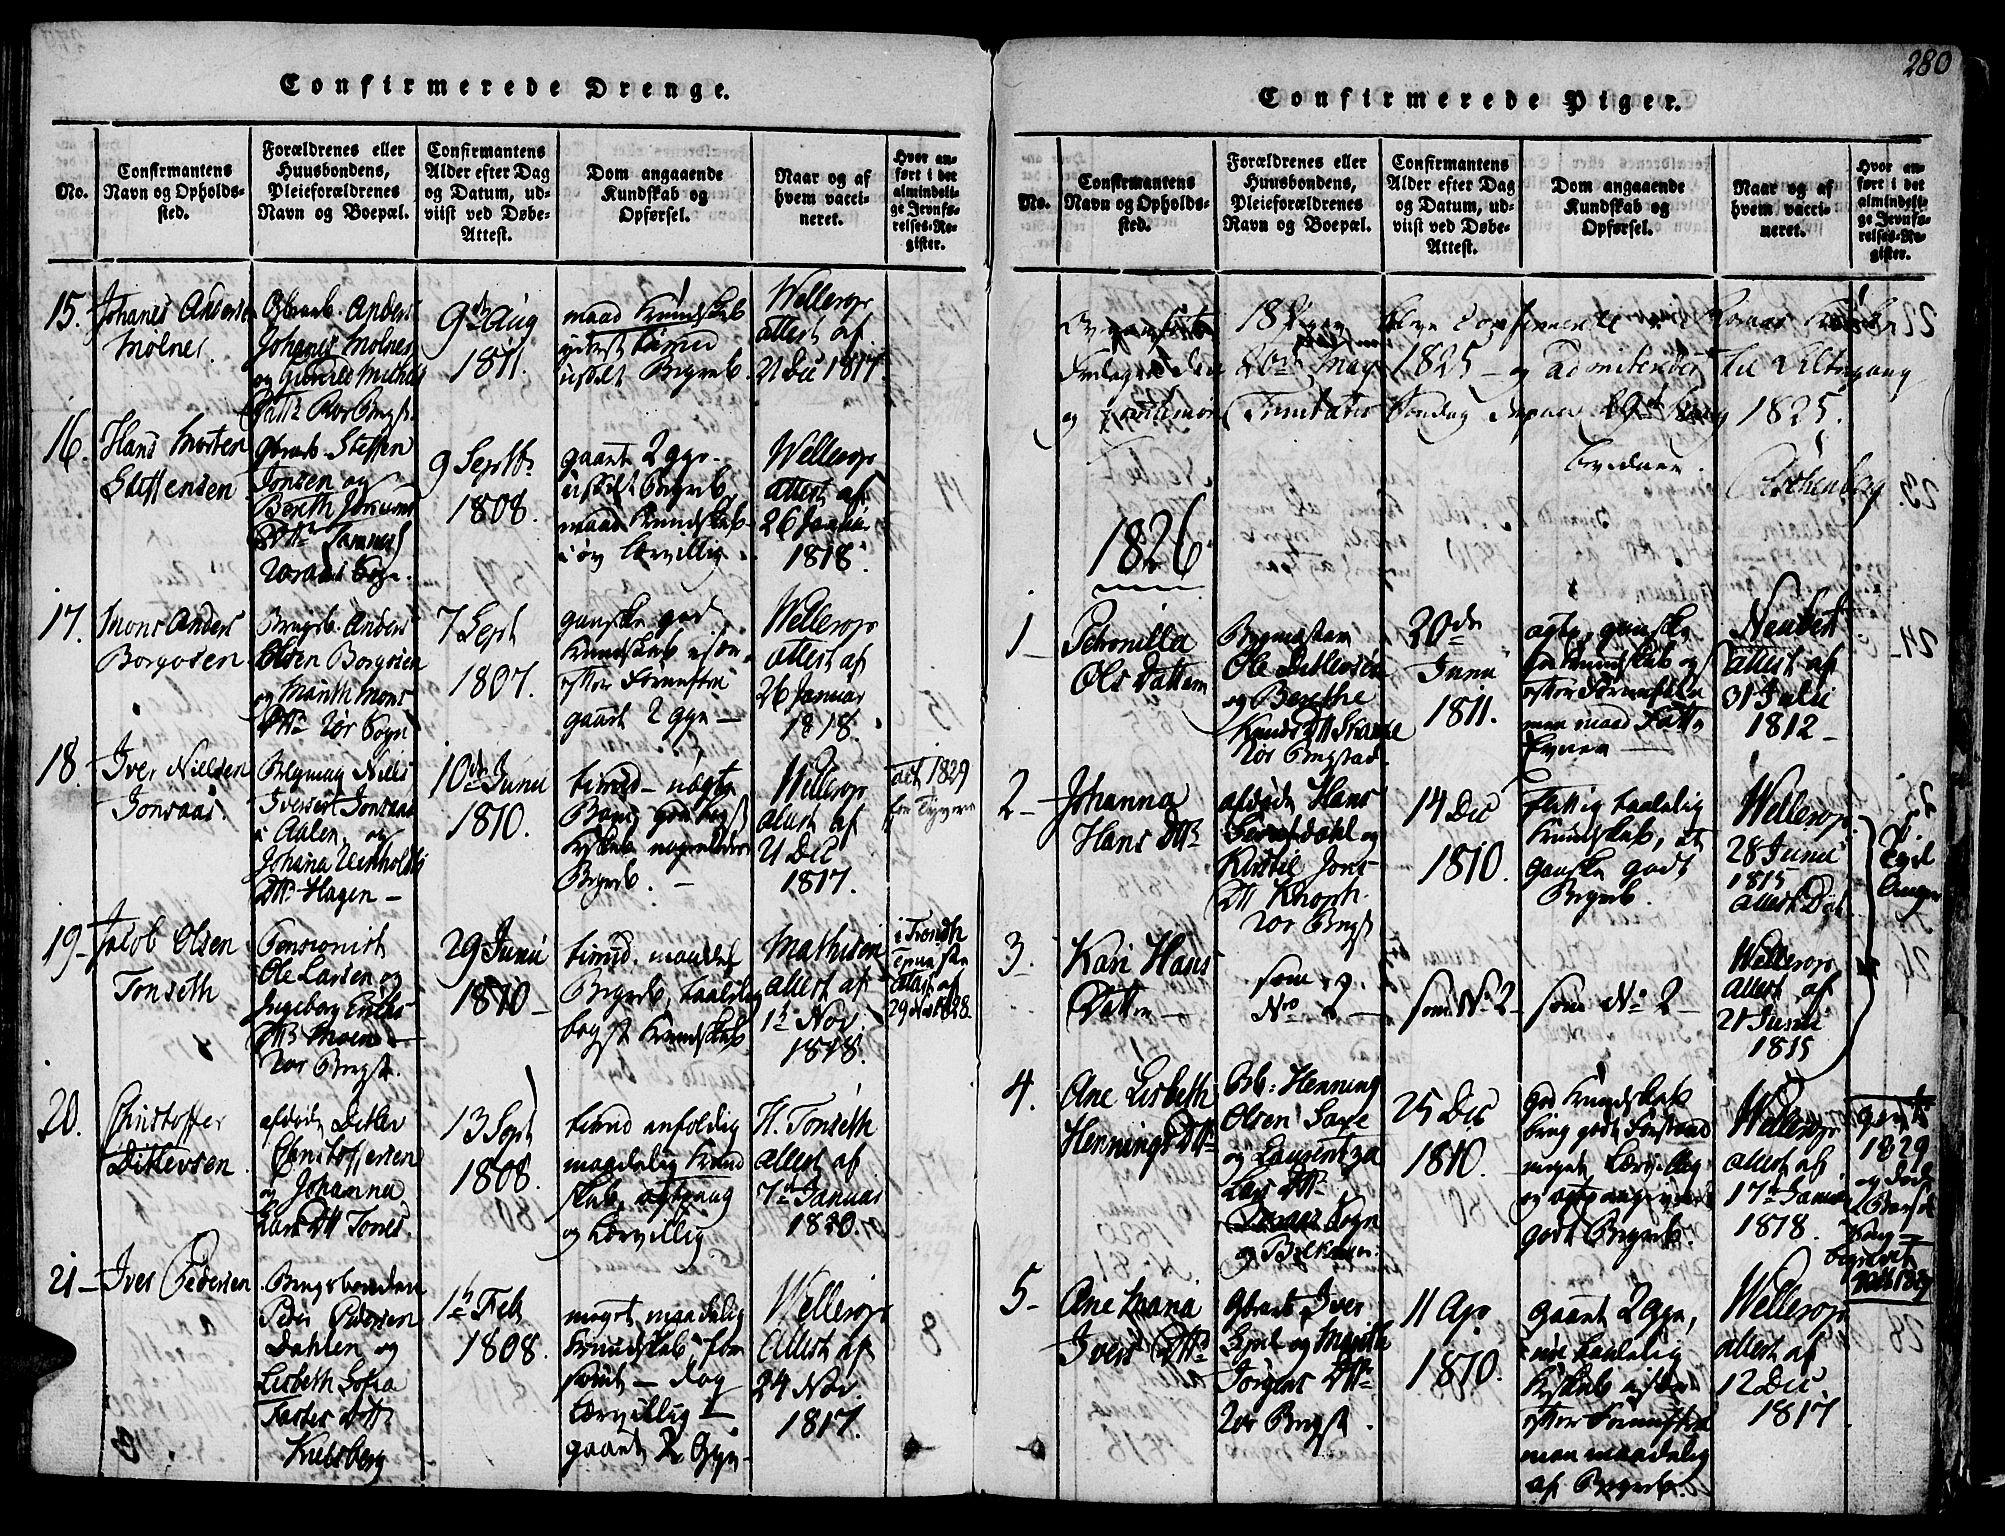 SAT, Ministerialprotokoller, klokkerbøker og fødselsregistre - Sør-Trøndelag, 681/L0929: Ministerialbok nr. 681A07, 1817-1828, s. 280